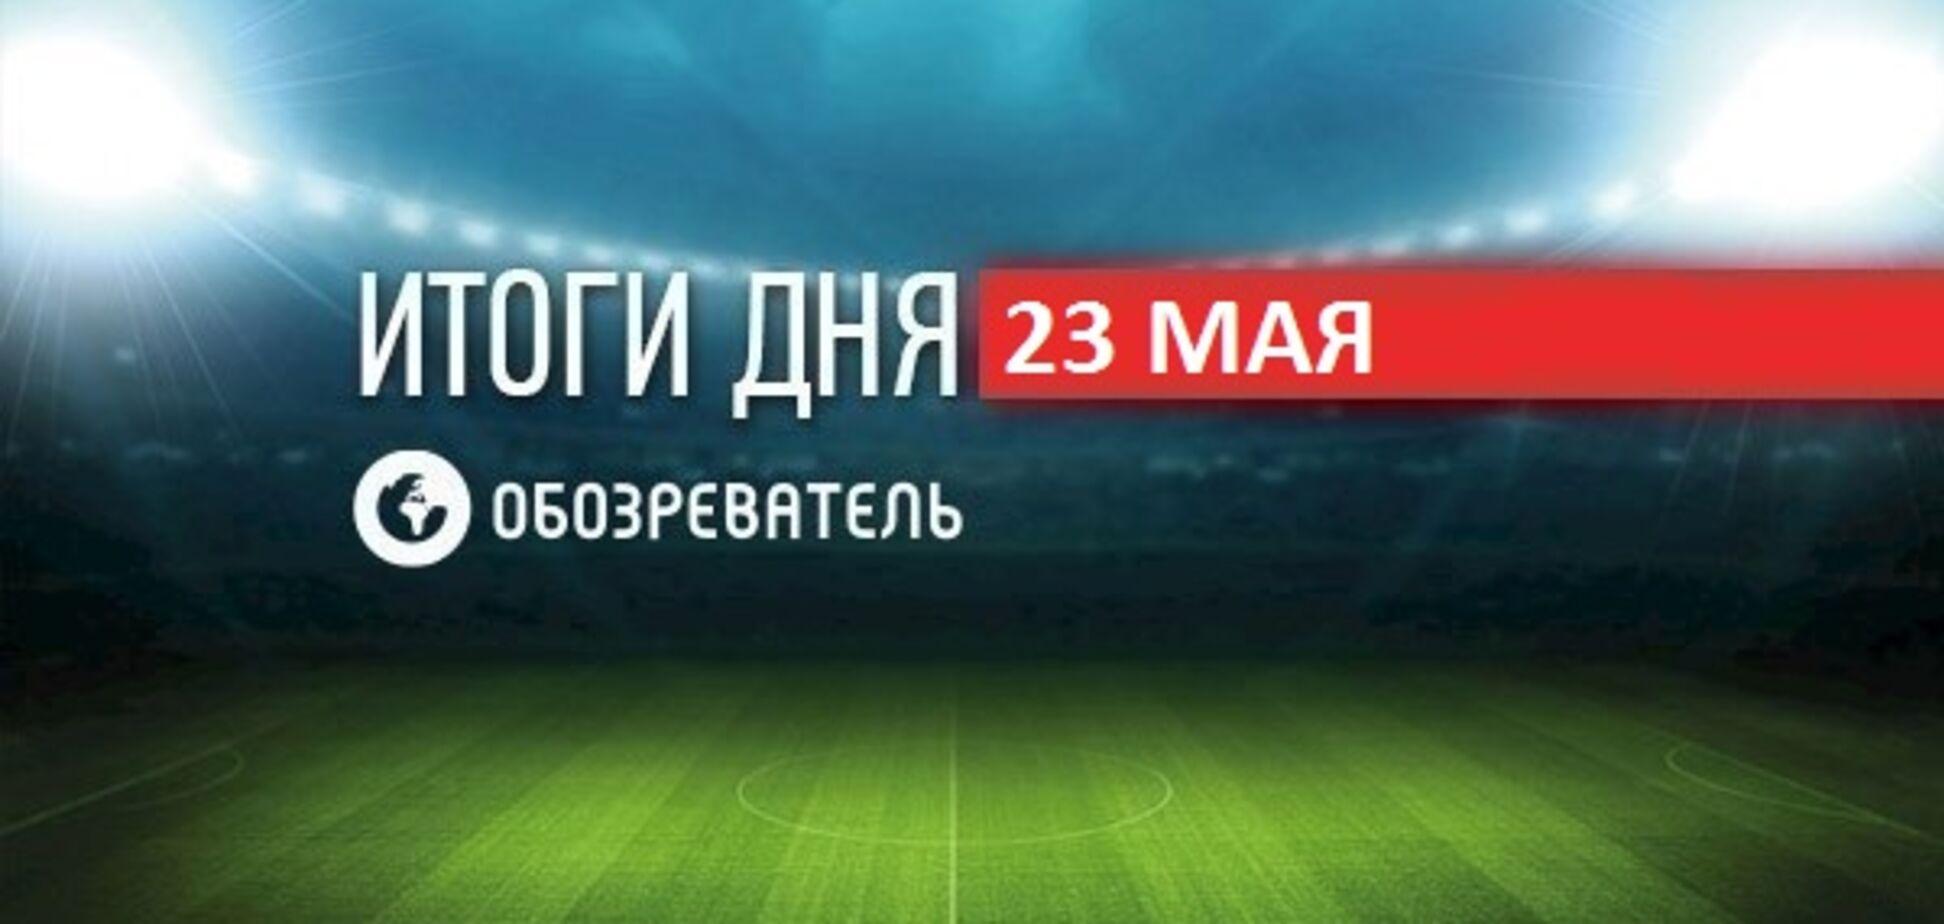 Украинский футболист засветился в 'ДНР': спортивные итоги 23 мая